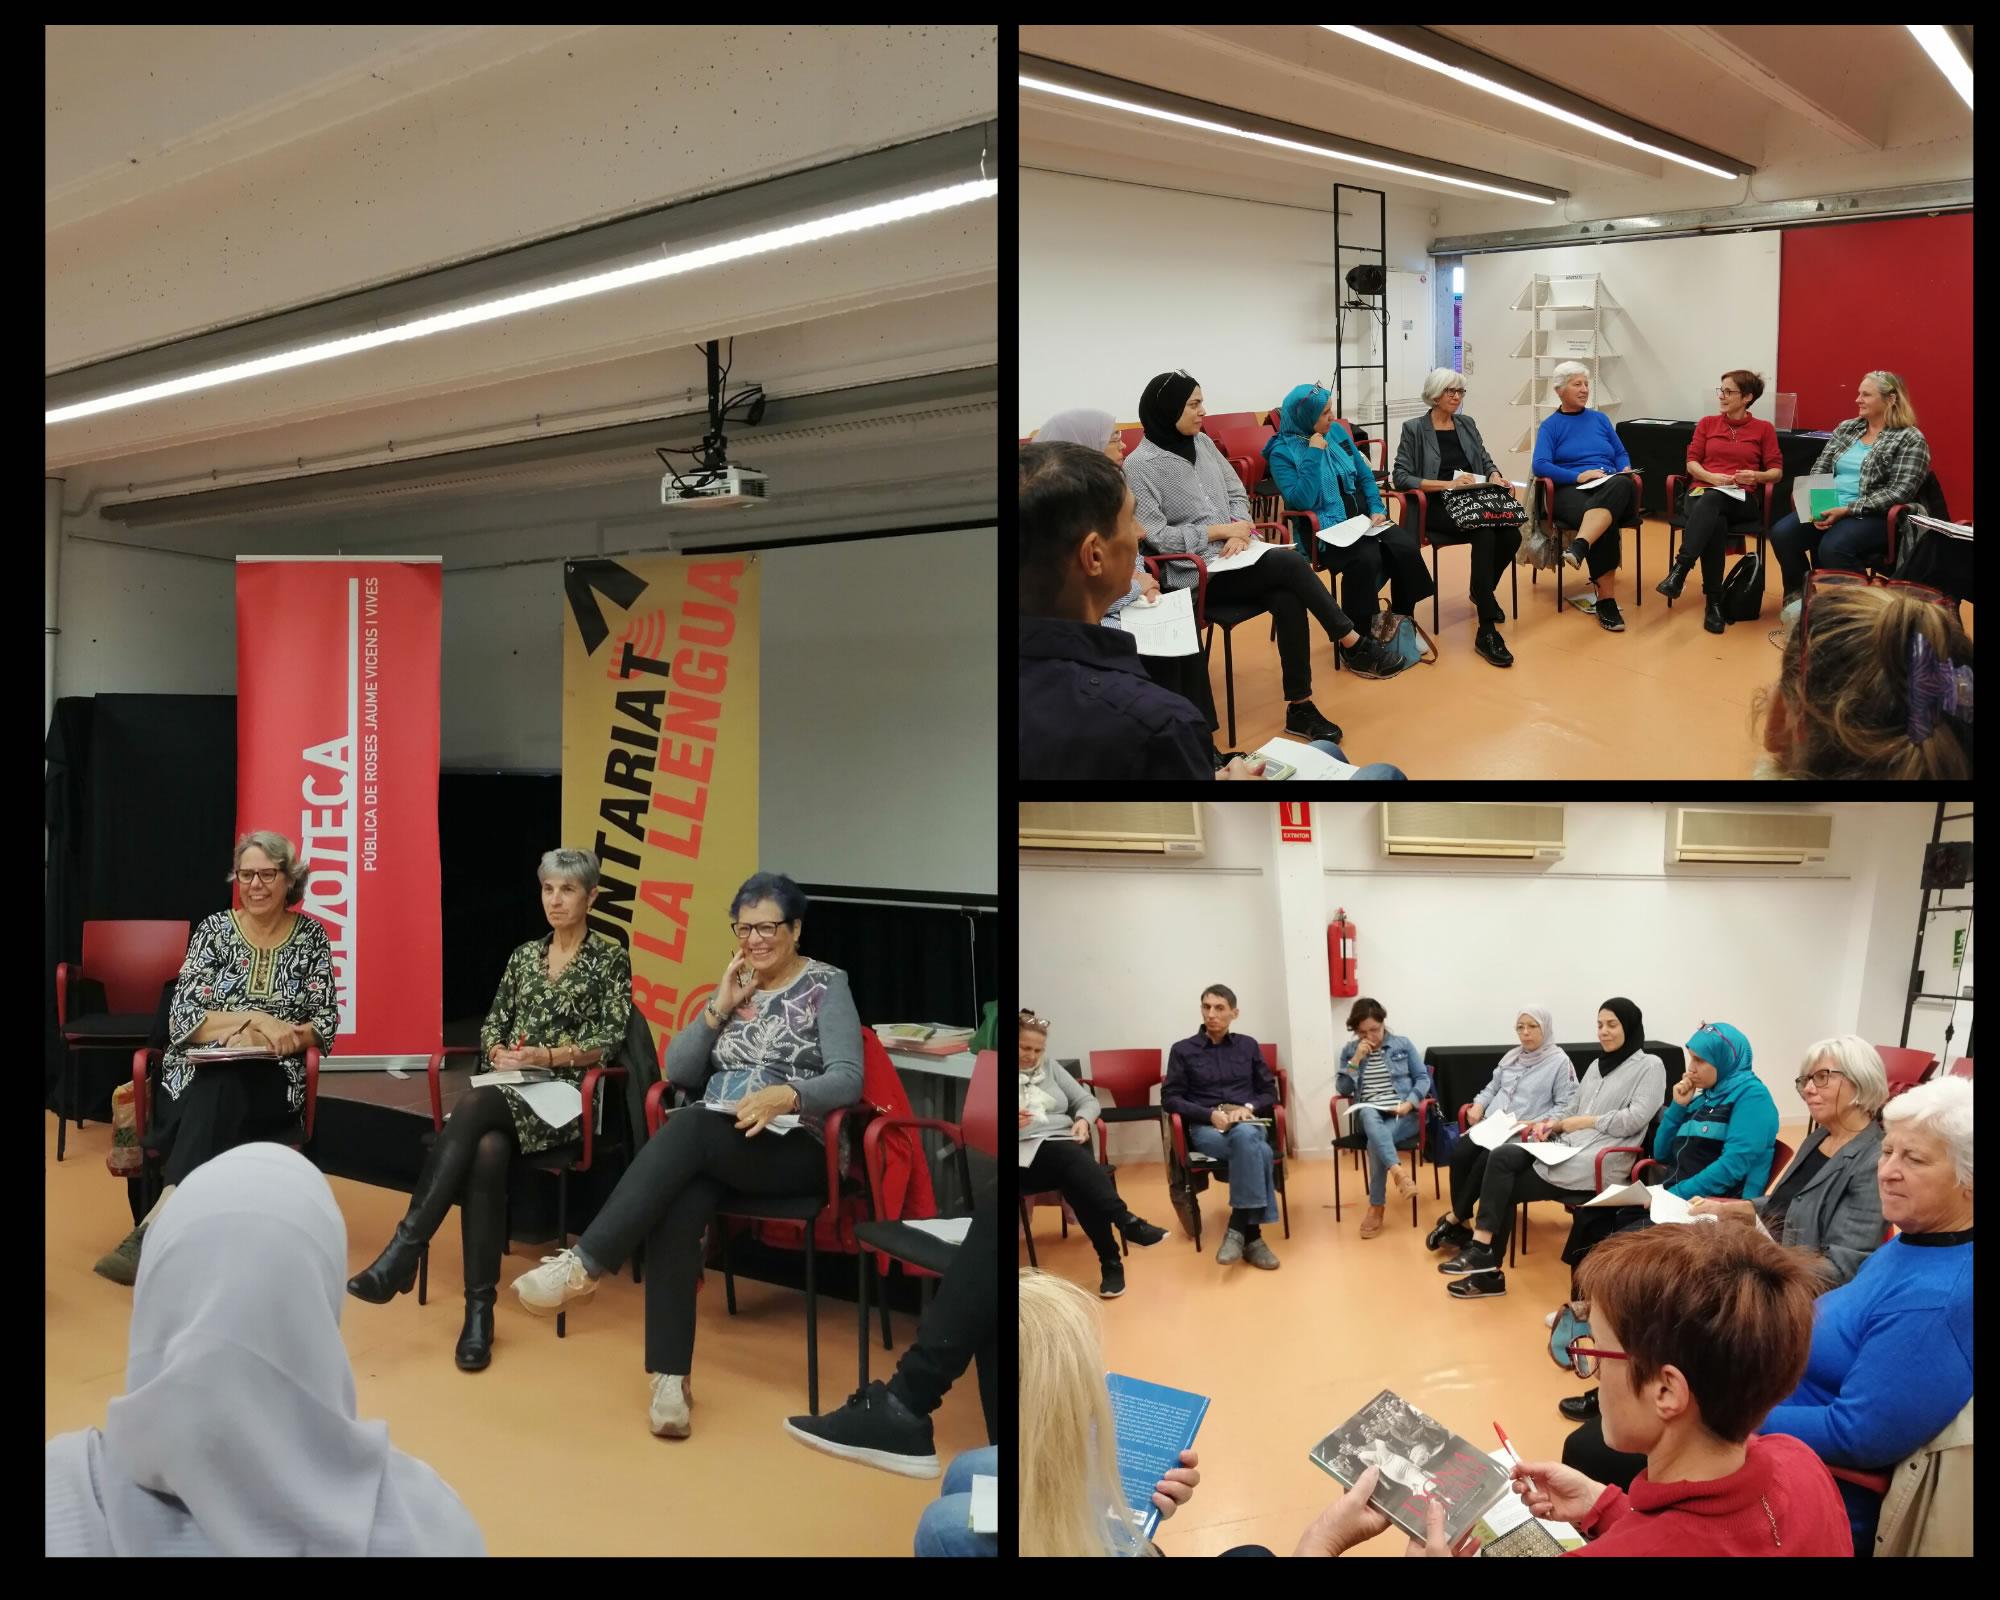 Inici del VIII Taller de lectura i conversa en català de Roses